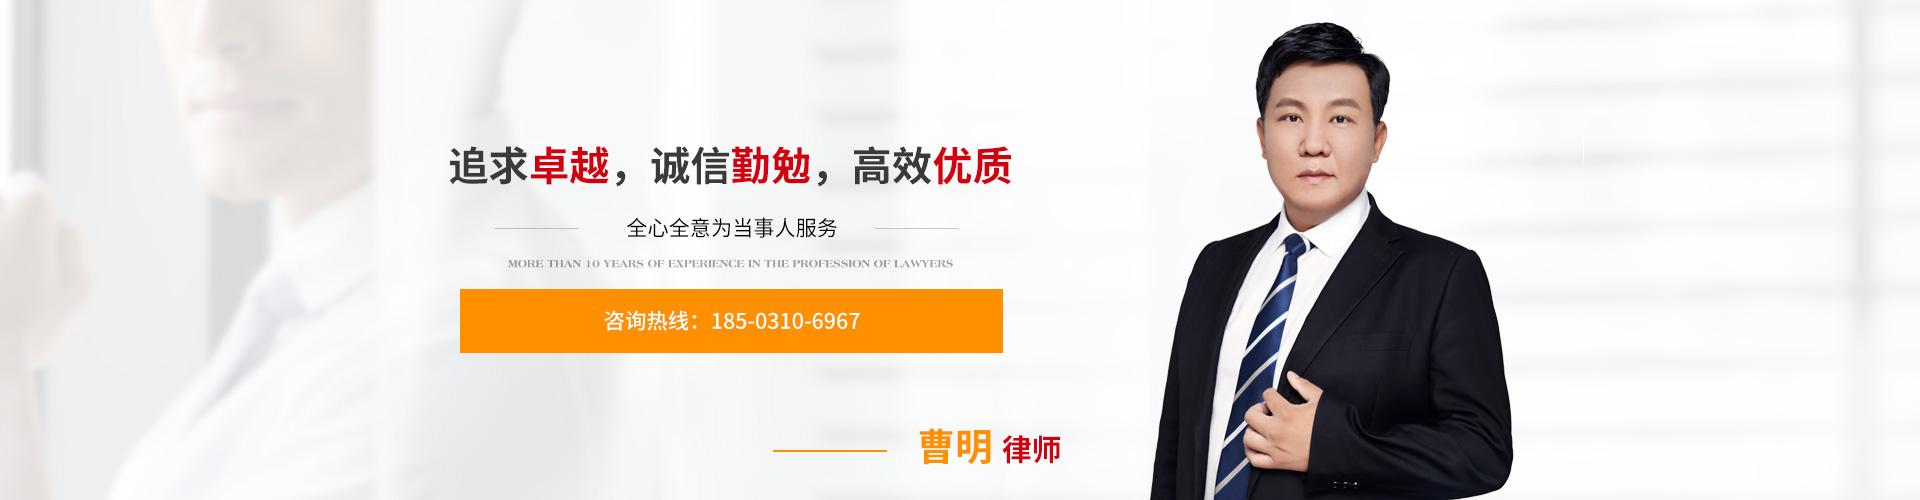 劳动纠纷律师曹明